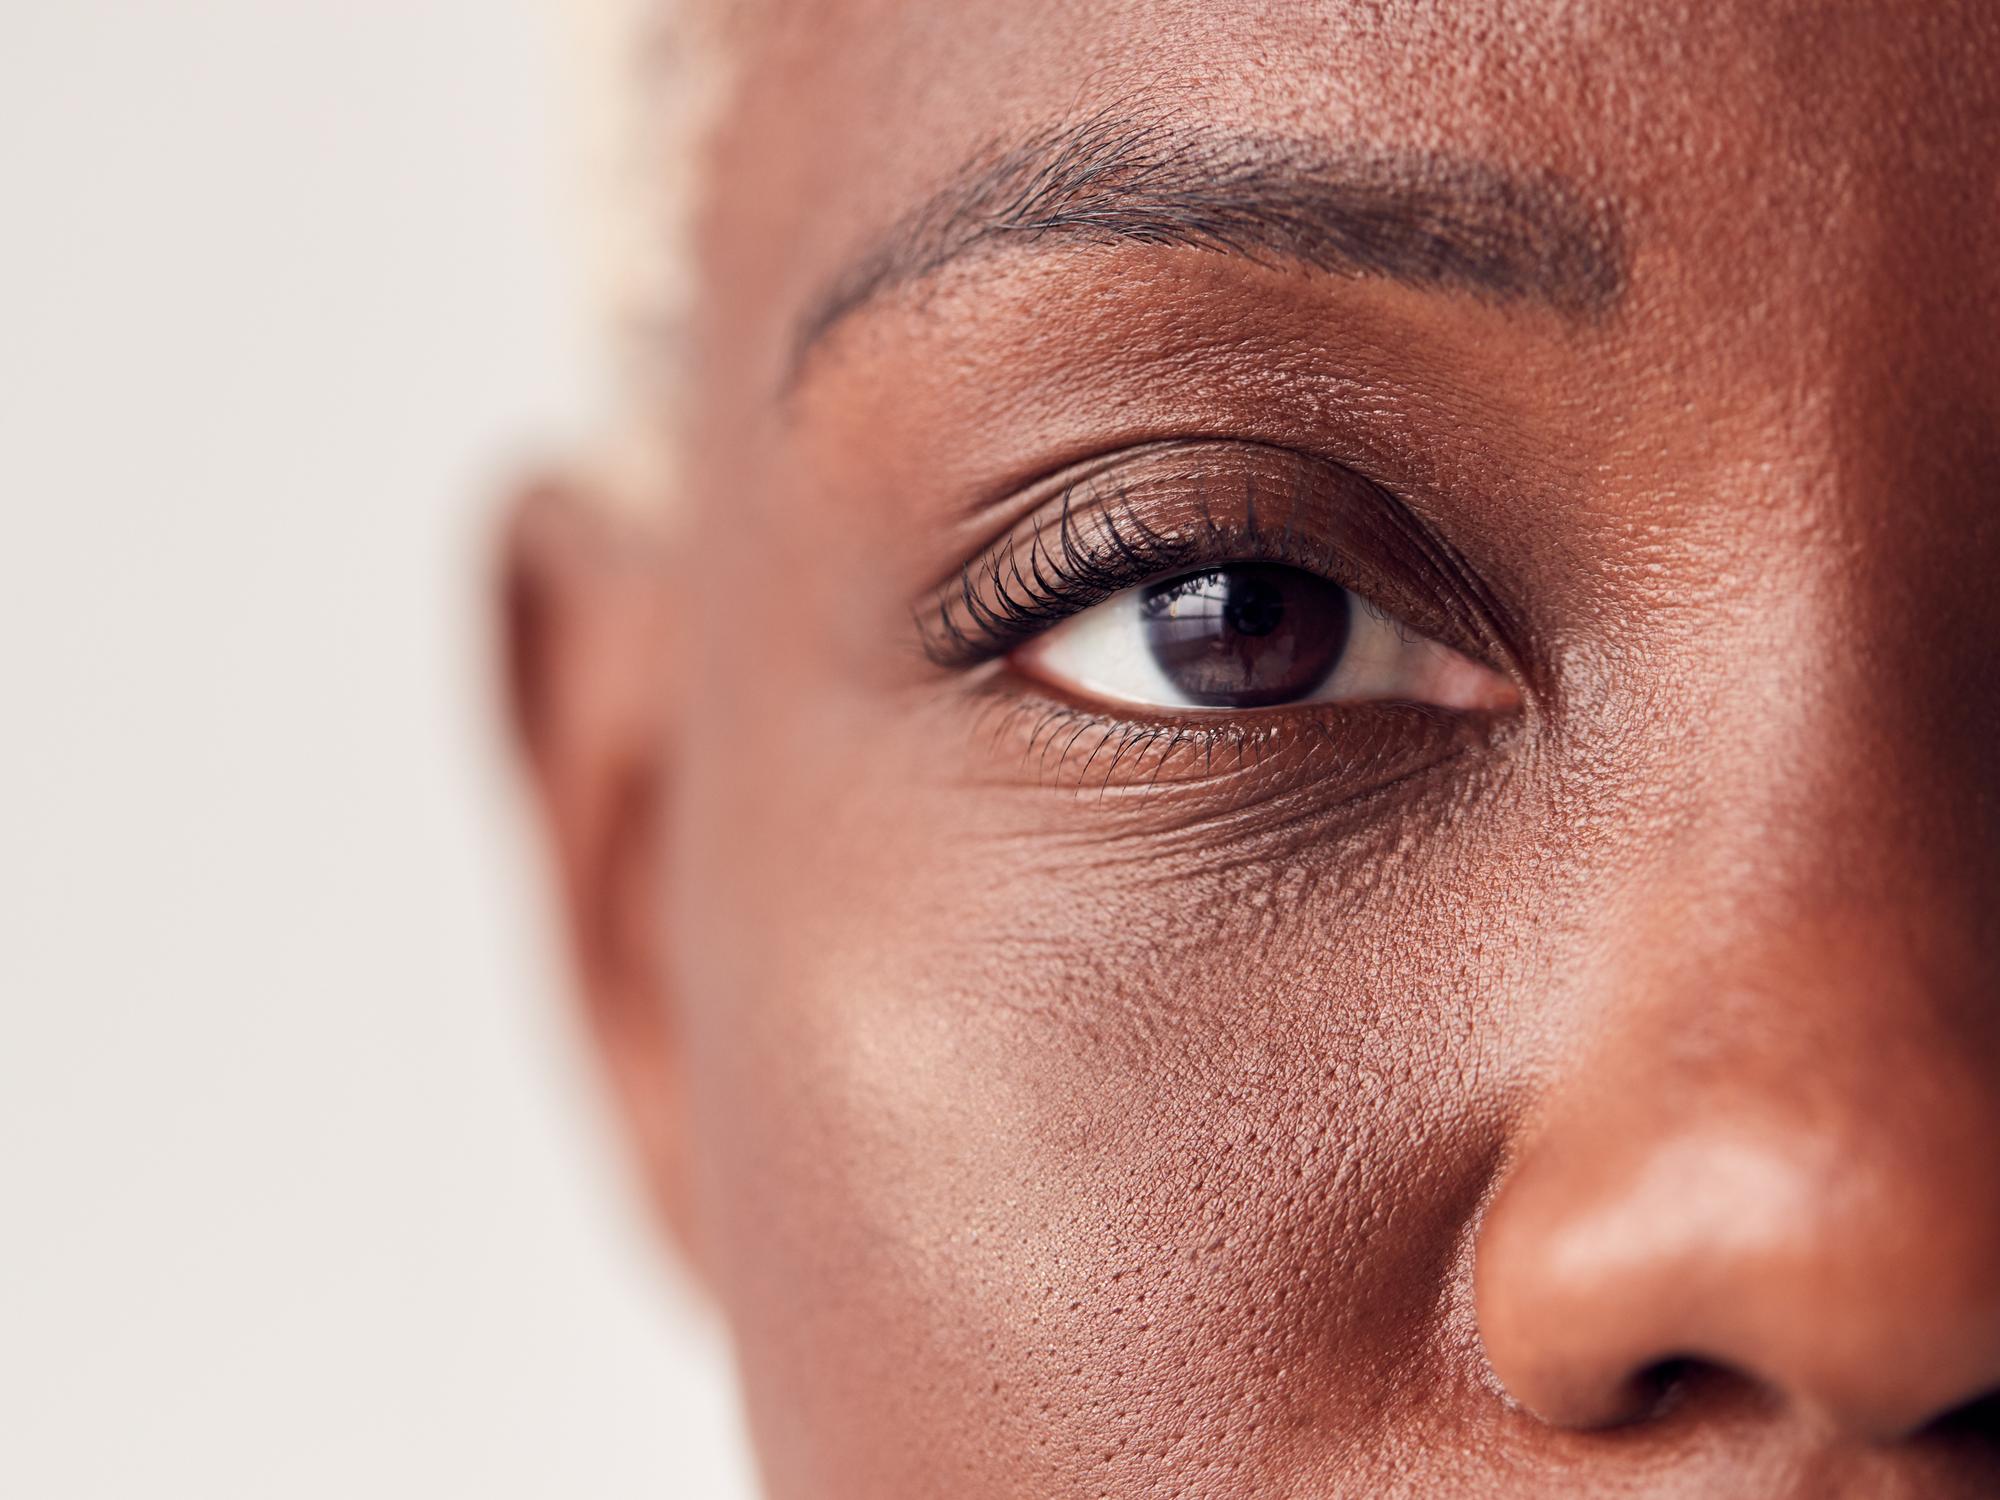 Tips for Better Eye Health